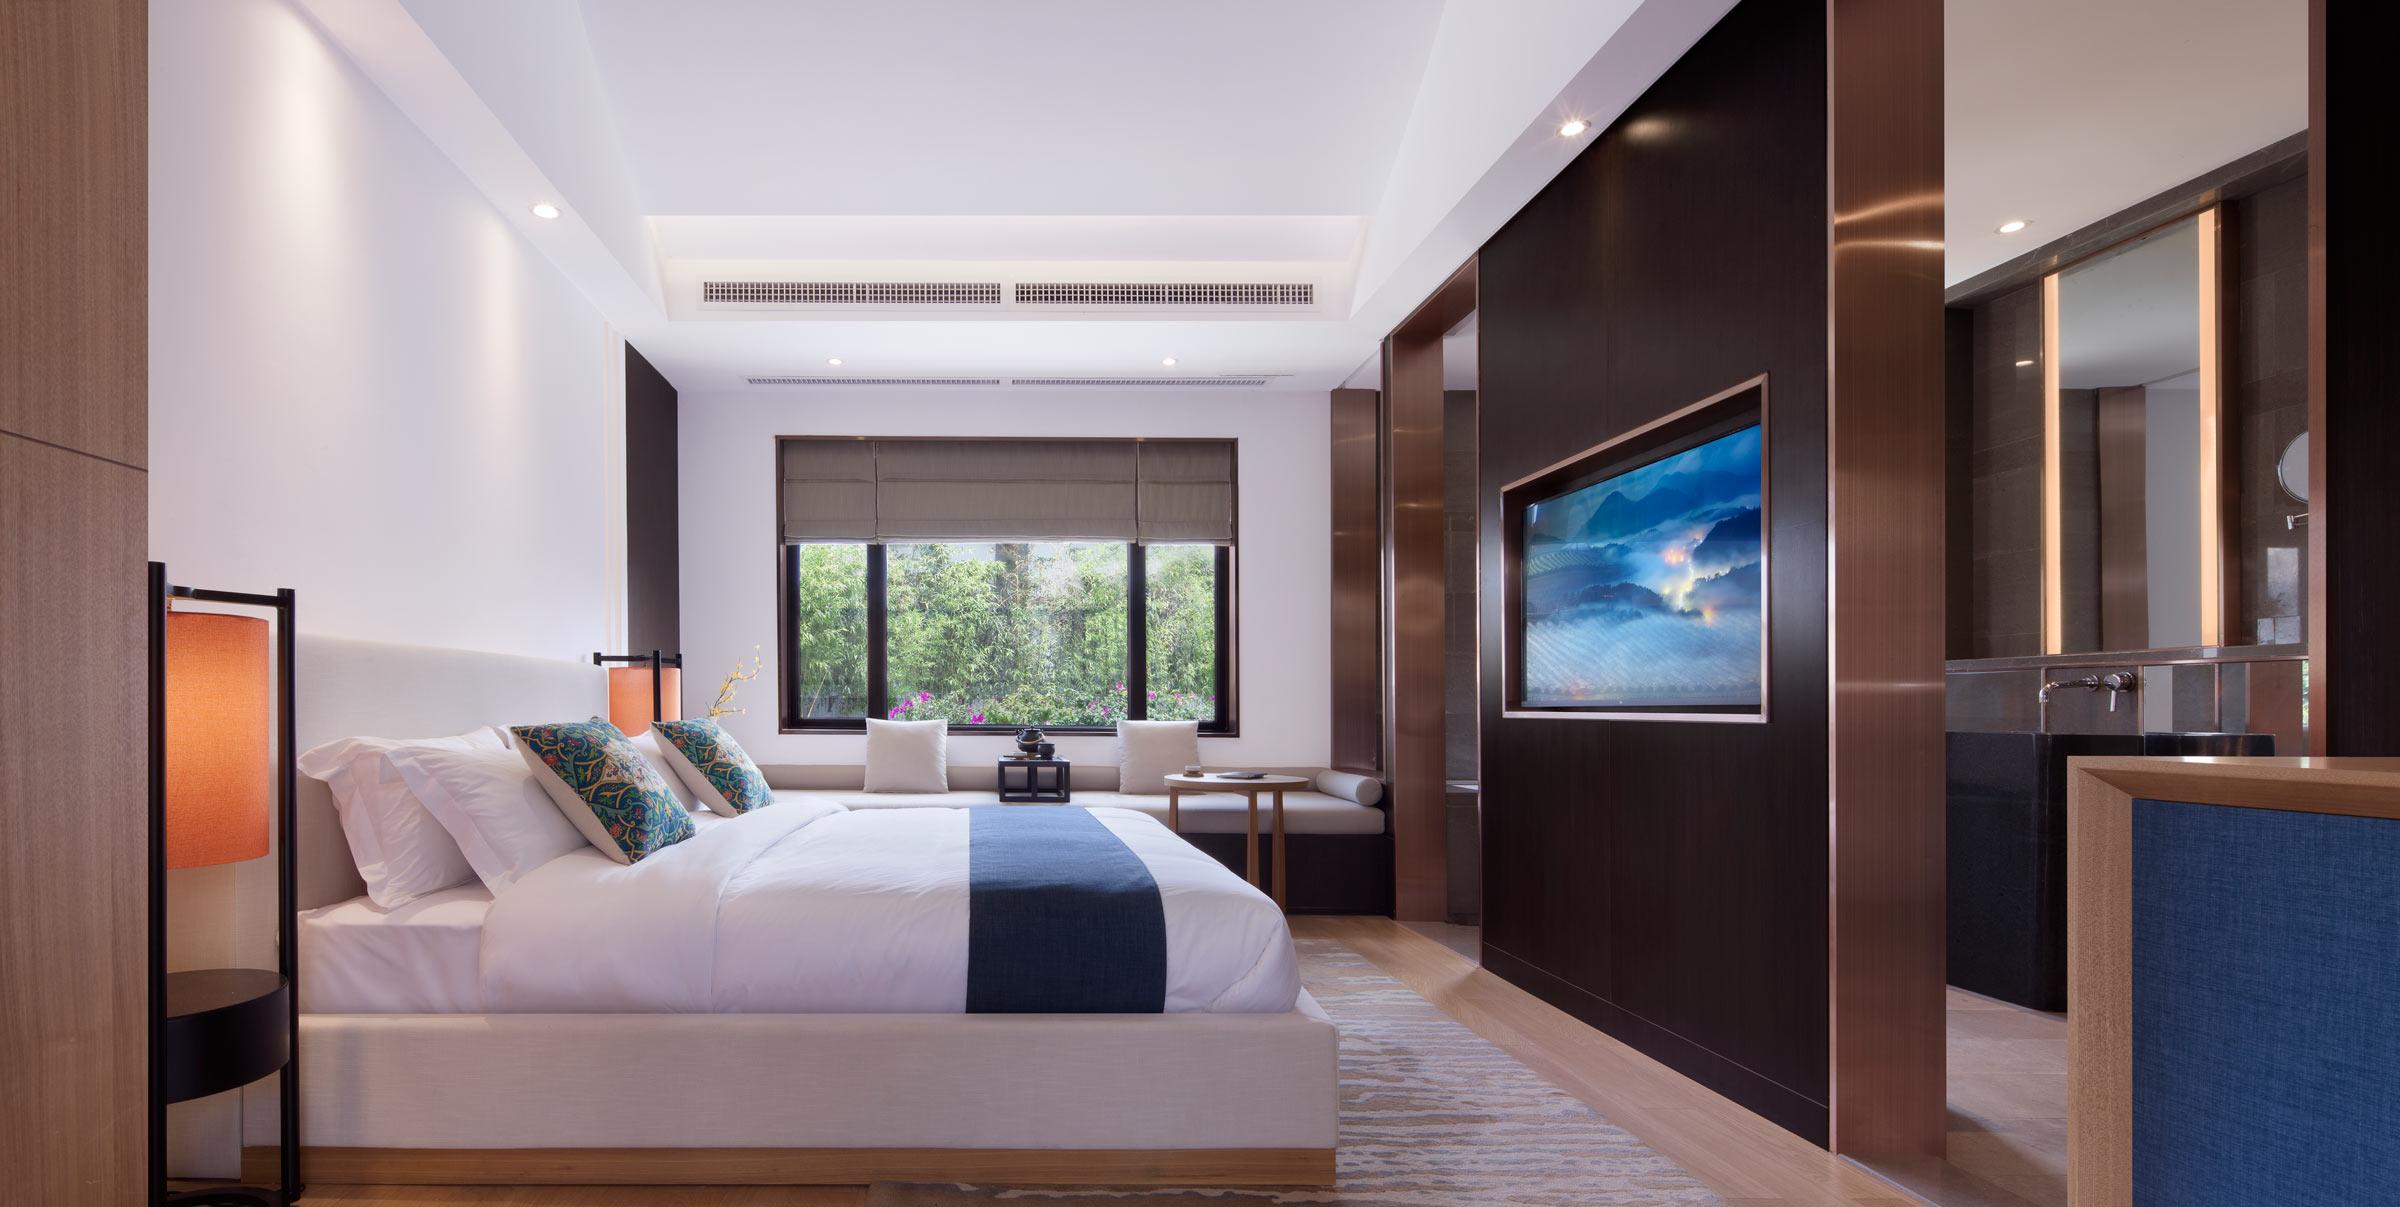 16-Guestroom-1.jpg